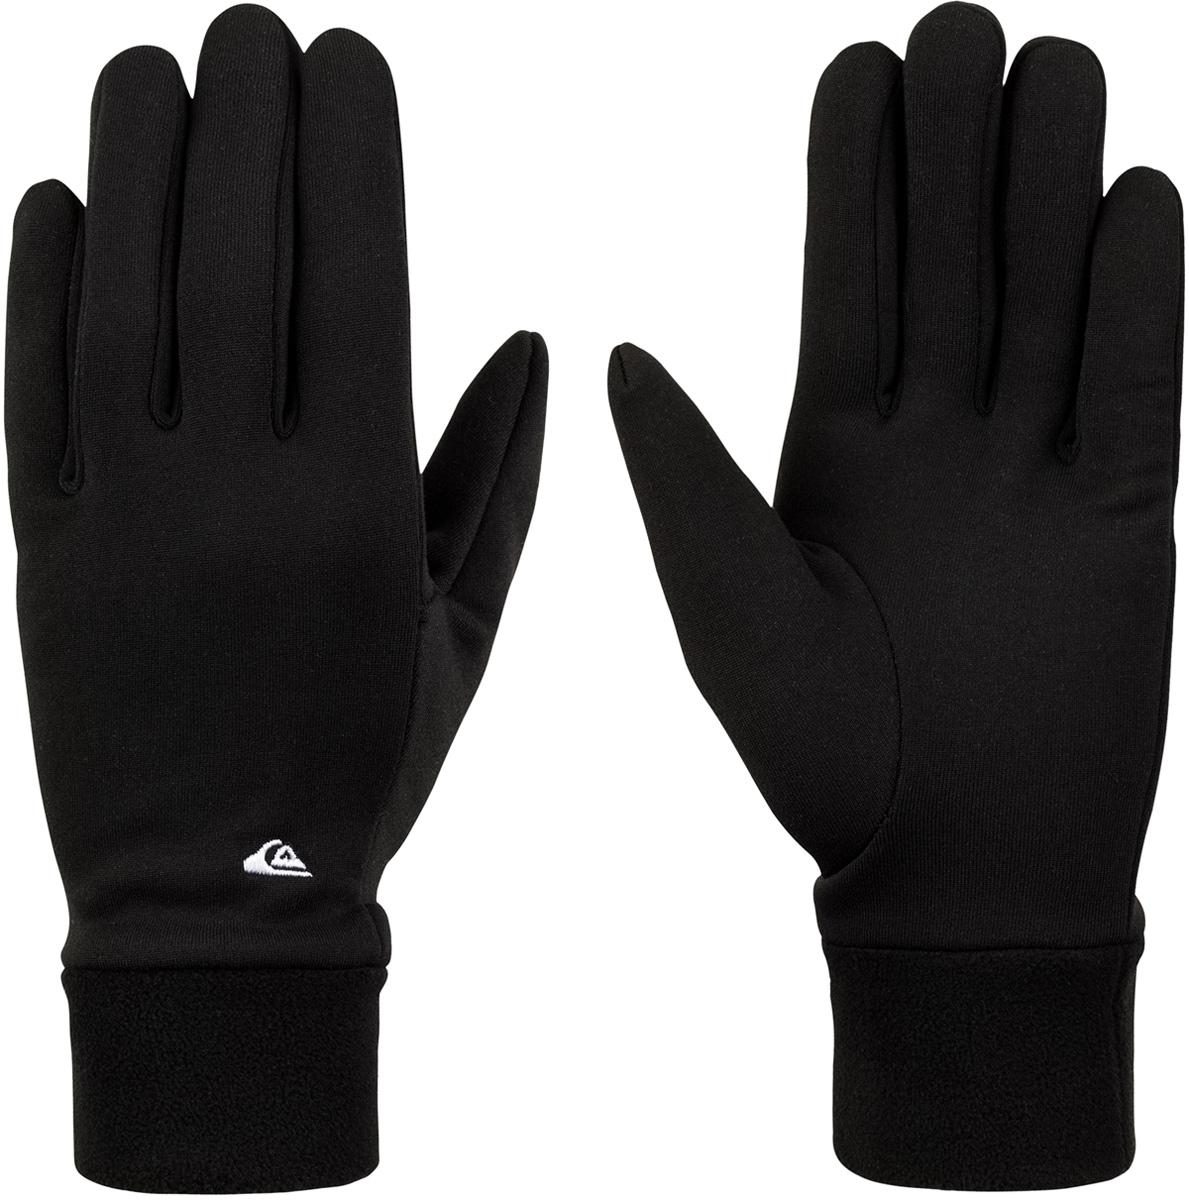 Перчатки мужские Quiksilver, цвет: черный. EQYHN03102-KVJ0. Размер XL (10)EQYHN03102-KVJ0